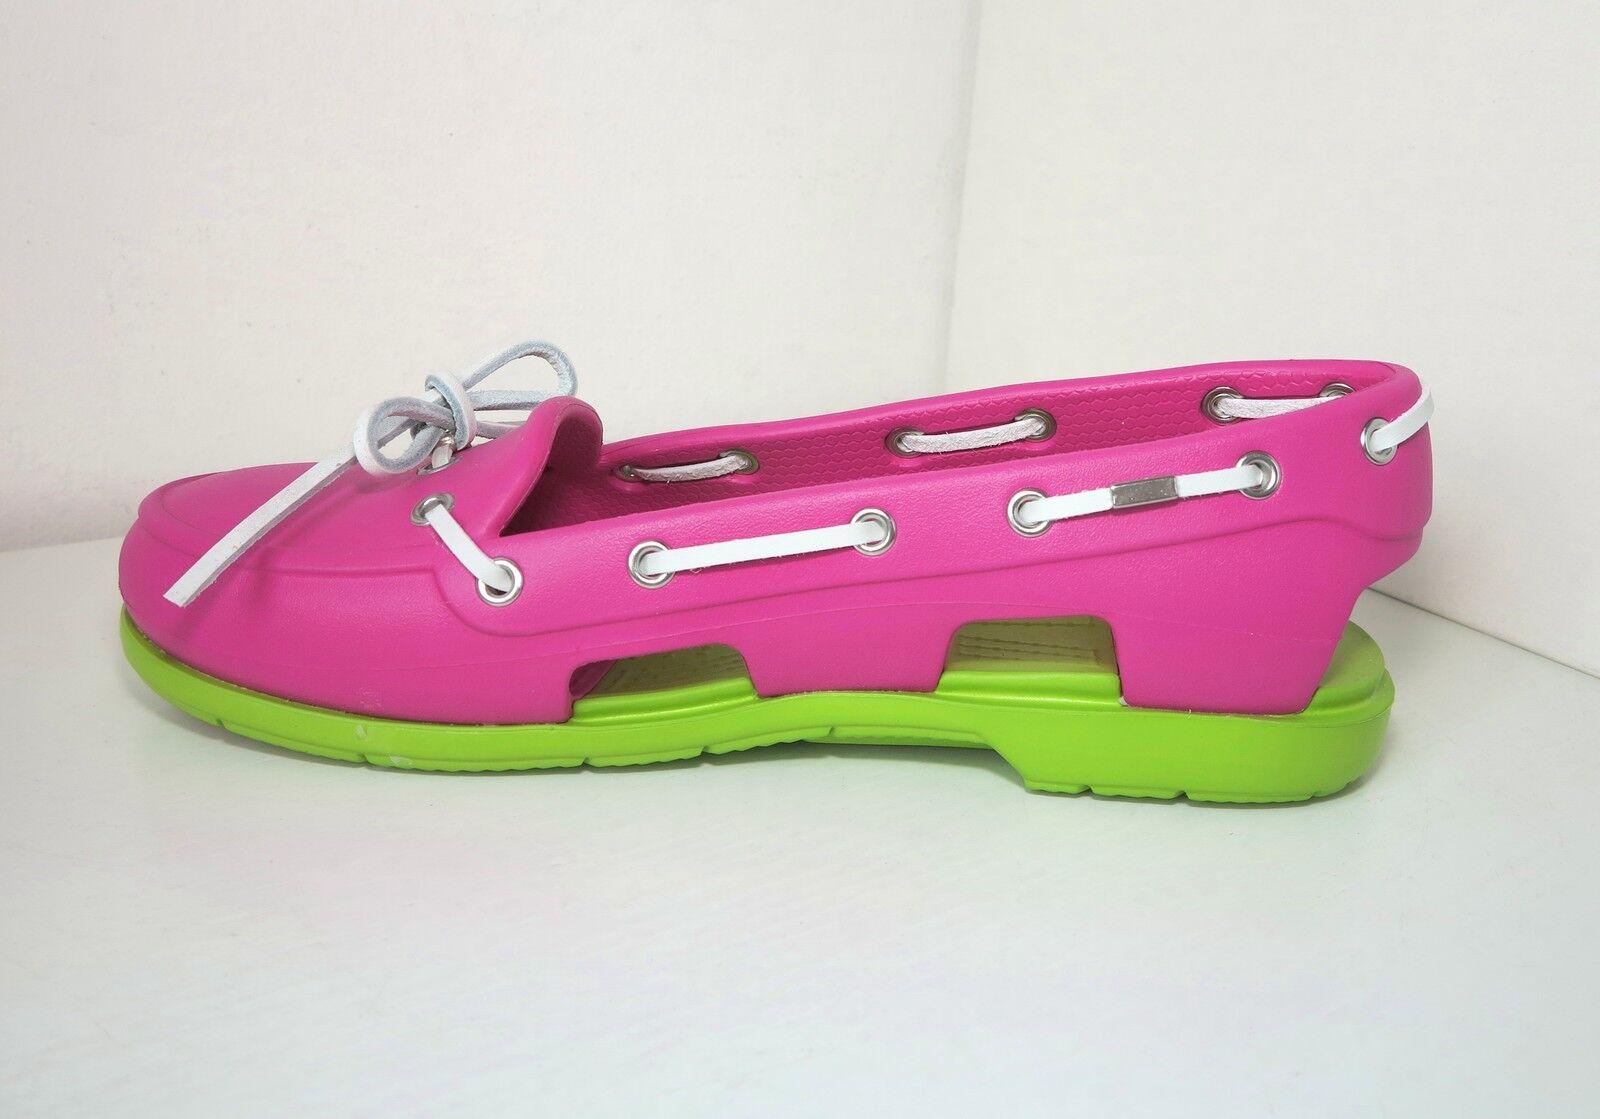 Casual salvaje Descuento por tiempo limitado Crocs Ballerina Segelschuhe pink W 10 41 42  beach line boat shoe fuchsia grün